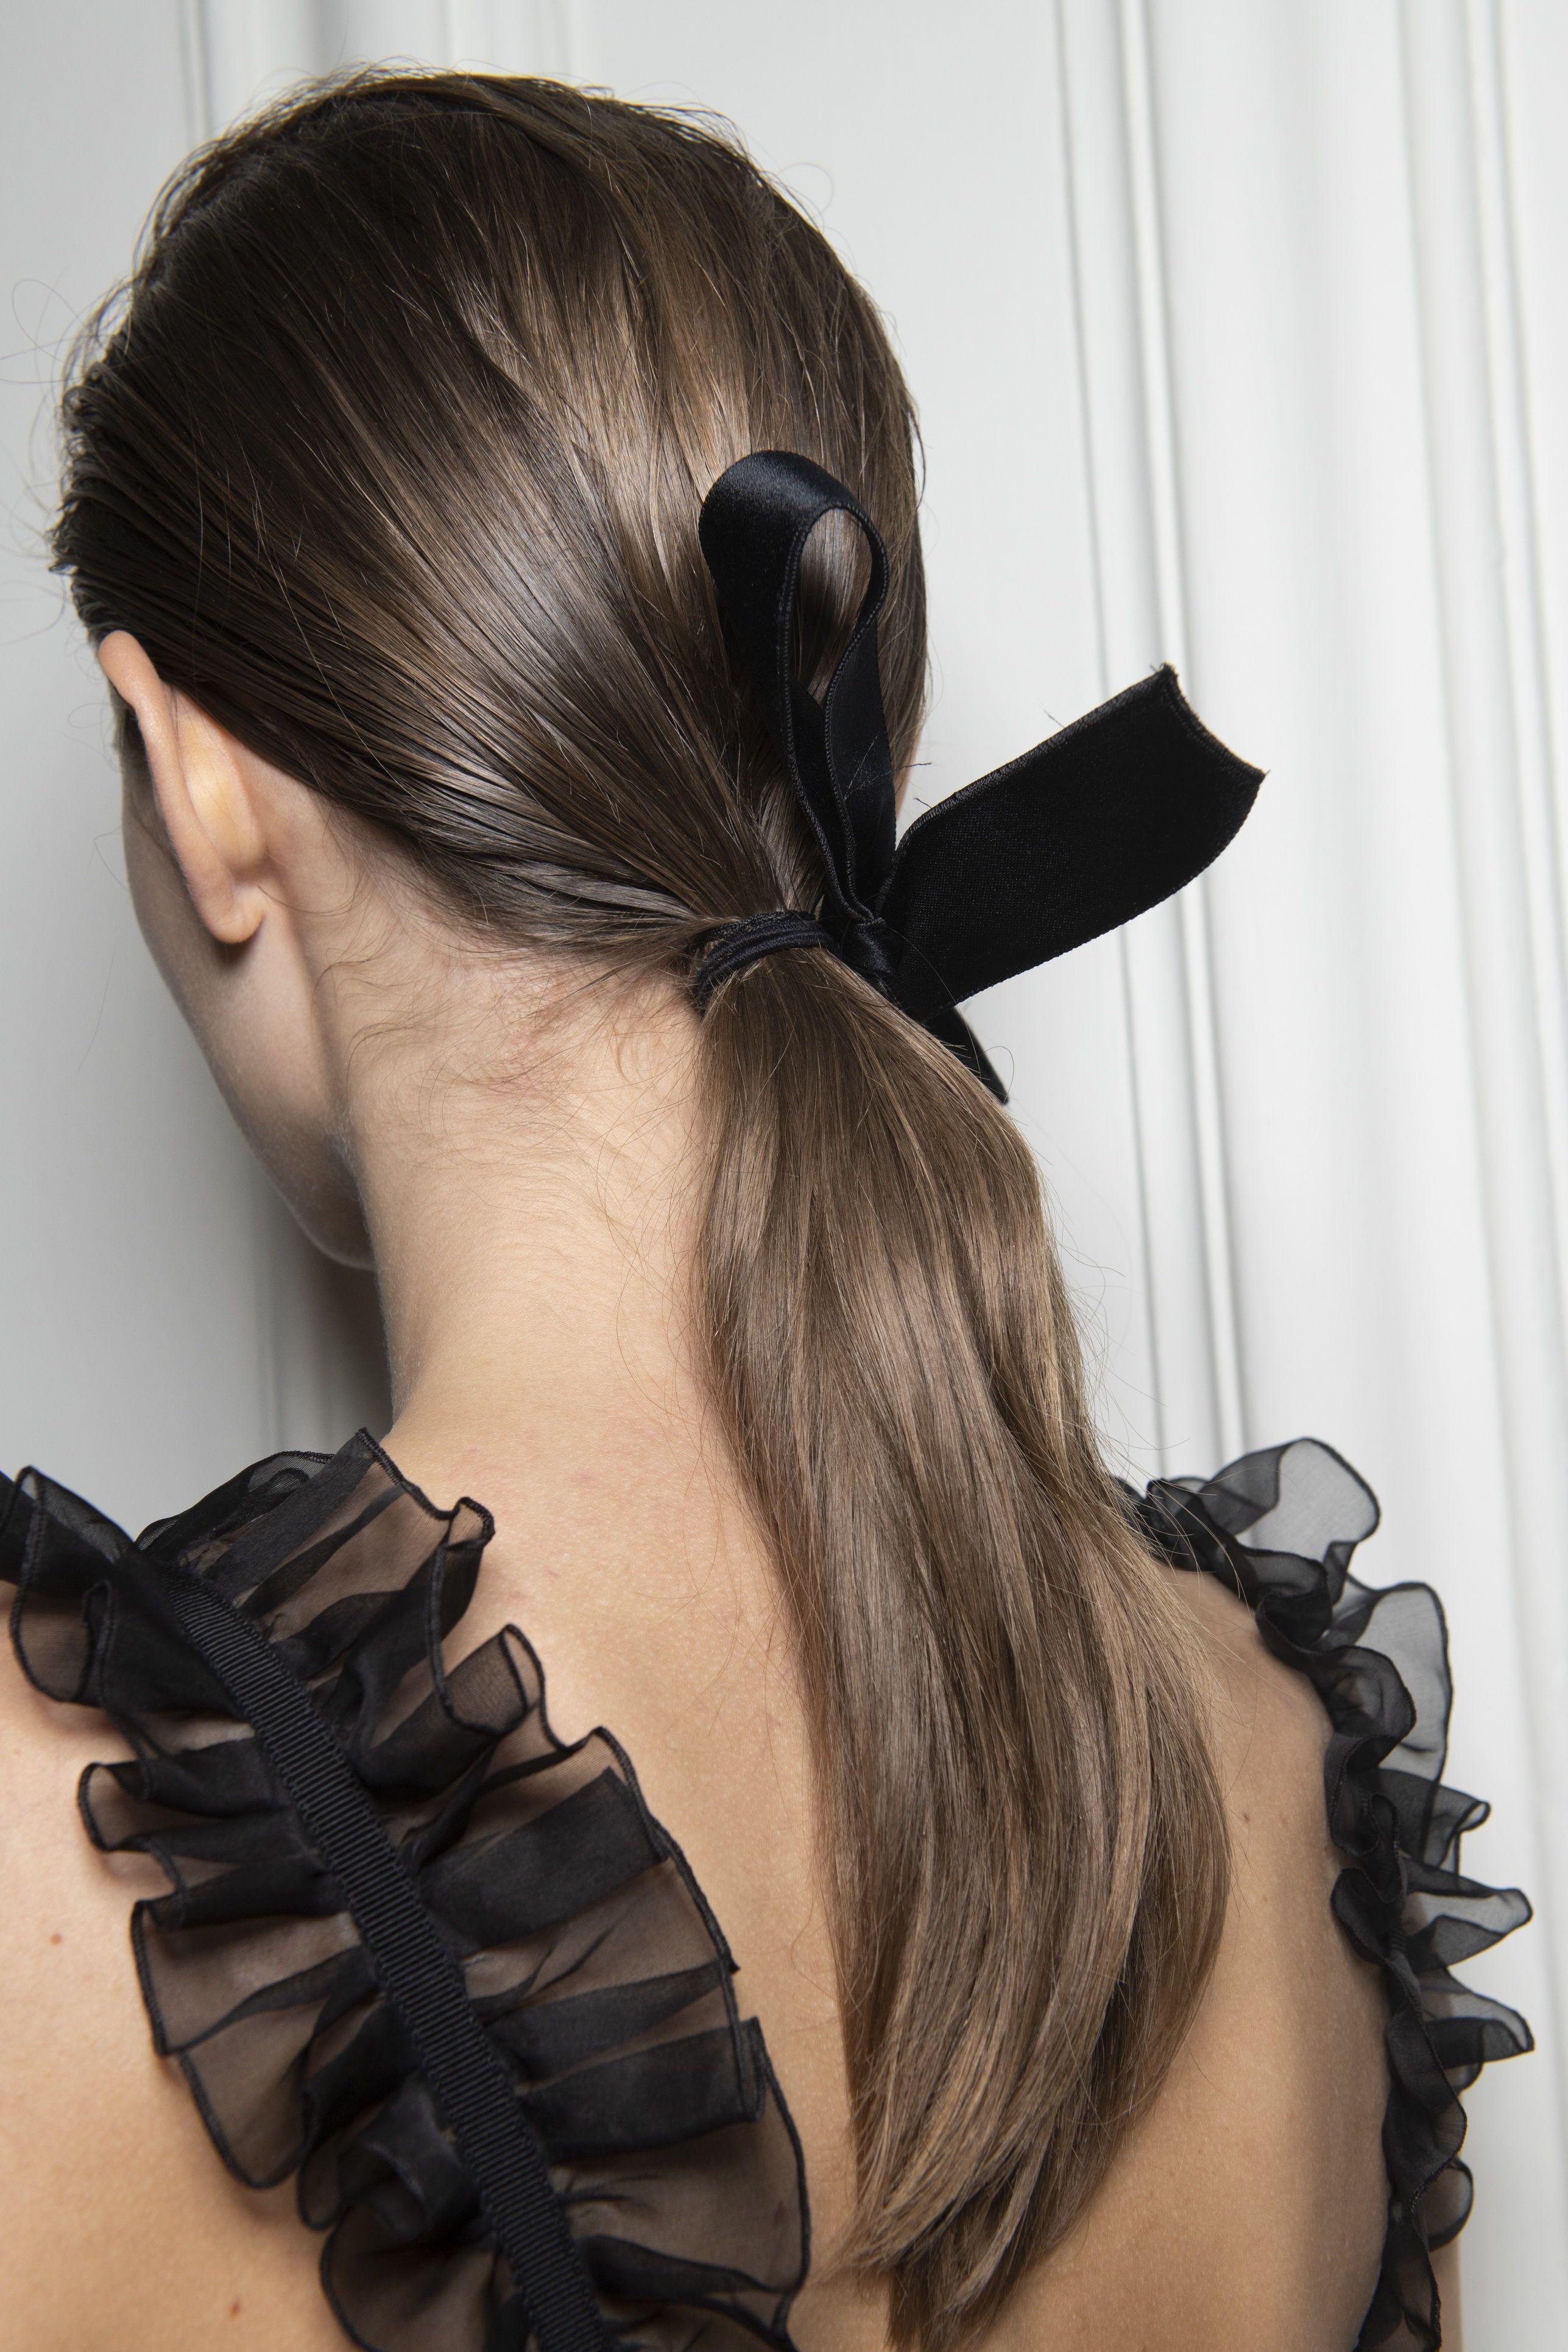 Party On Das Sind Die Schonsten Frisuren Fur Silvester Frisuren Party Schonsten Silvester Silvest In 2020 Fashion Week Hair Spring Hairstyles Spring Hair Trends